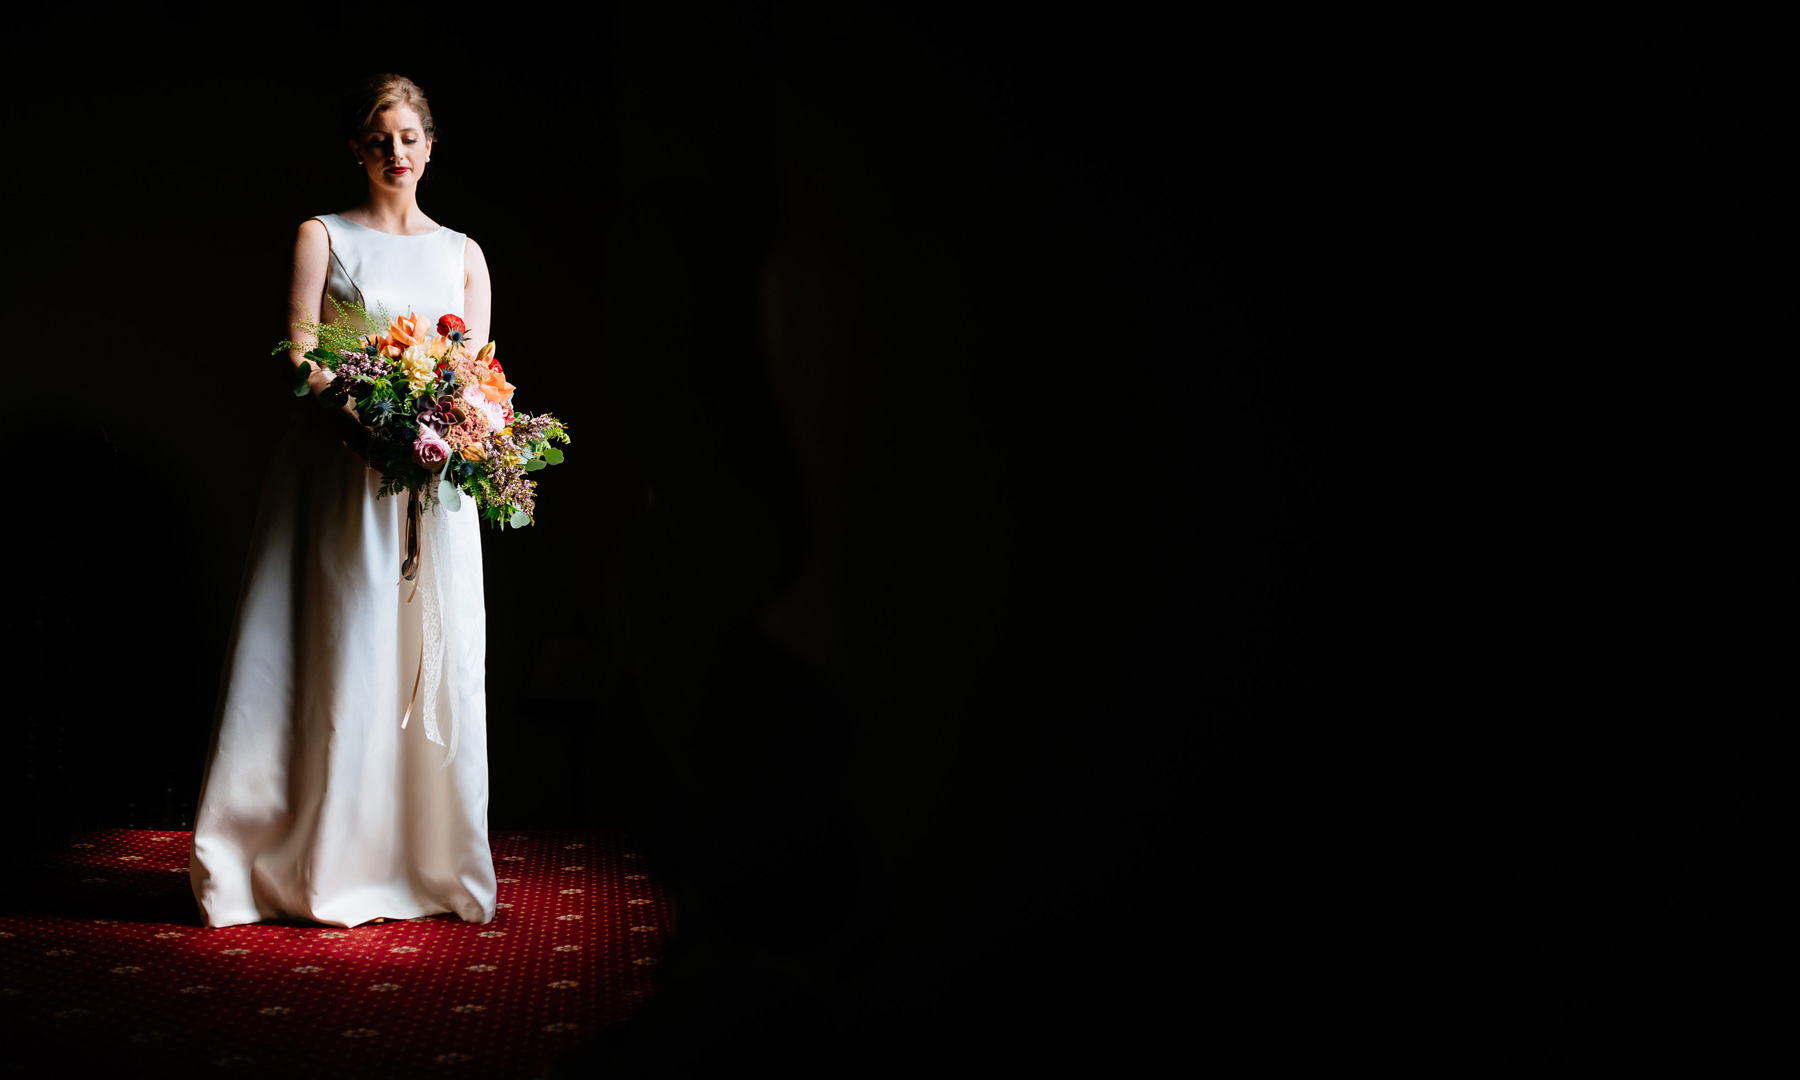 bridal portrait with negative space